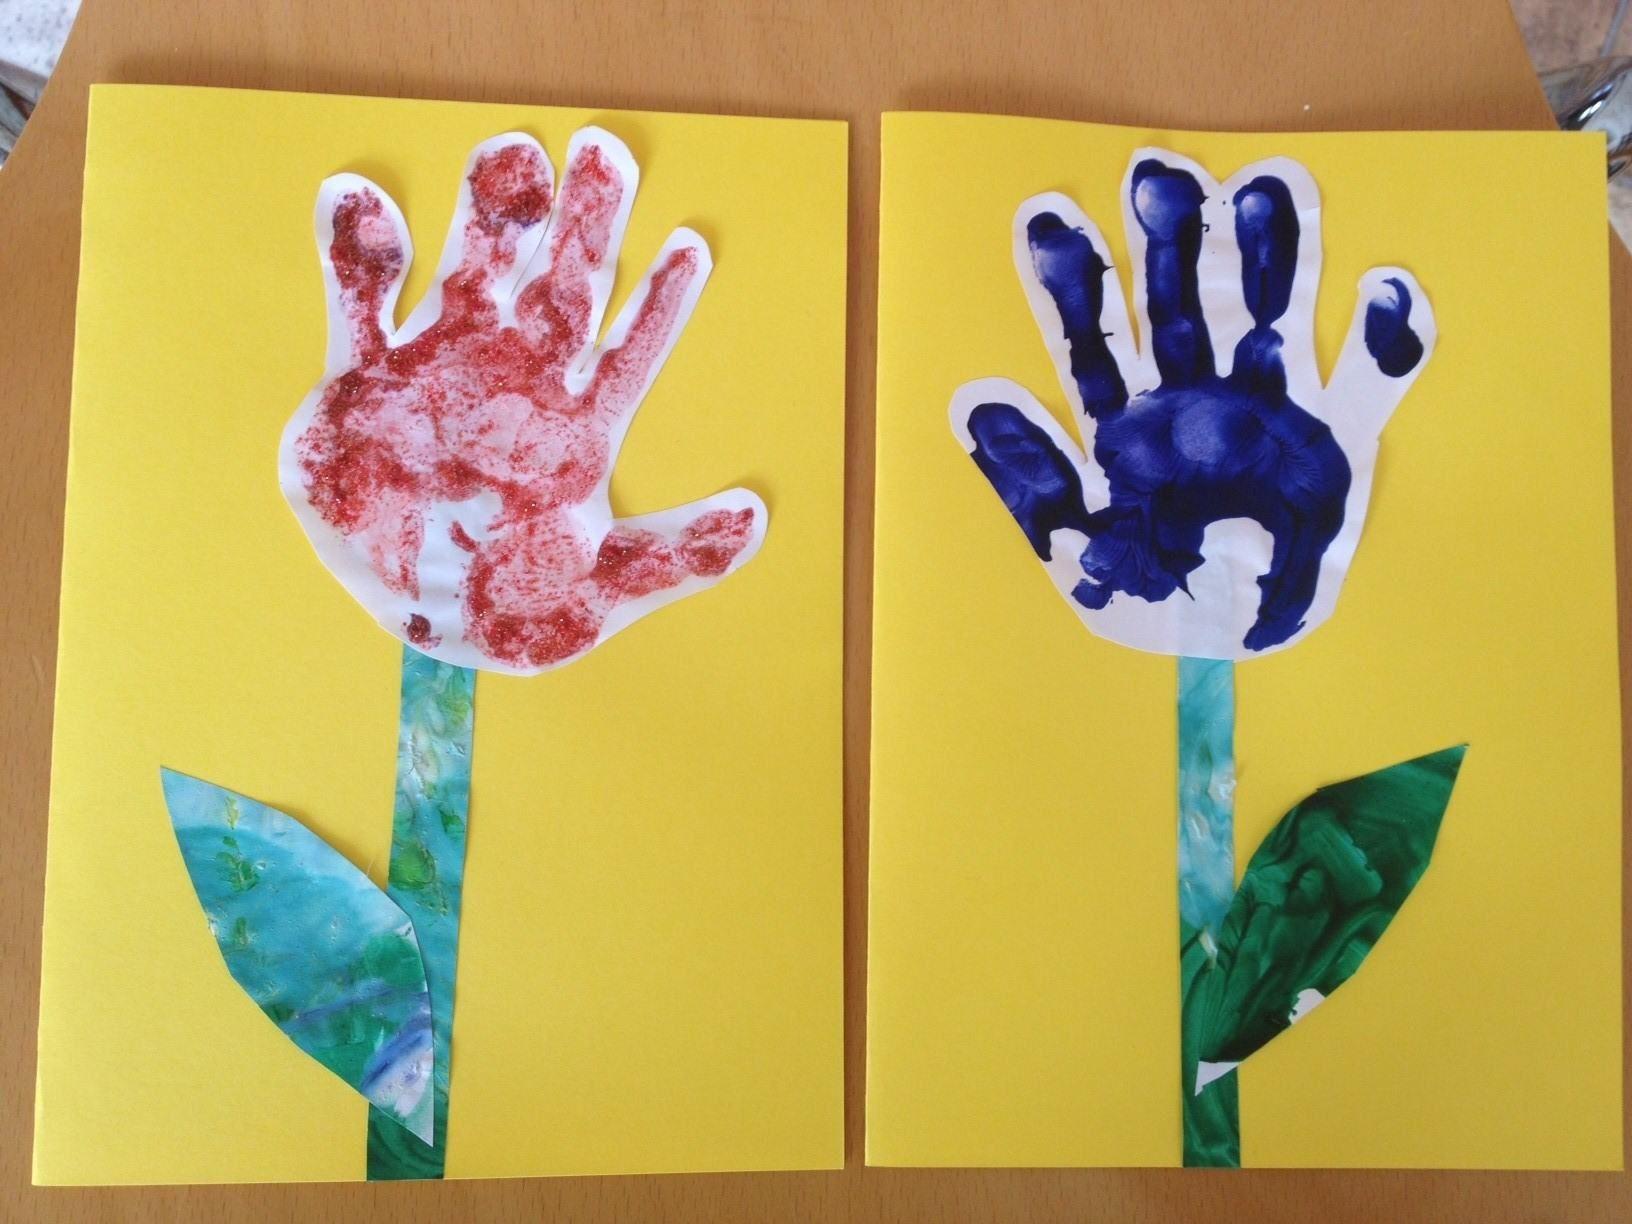 Поздравления февраля, открытка своими руками ребенком 8 лет